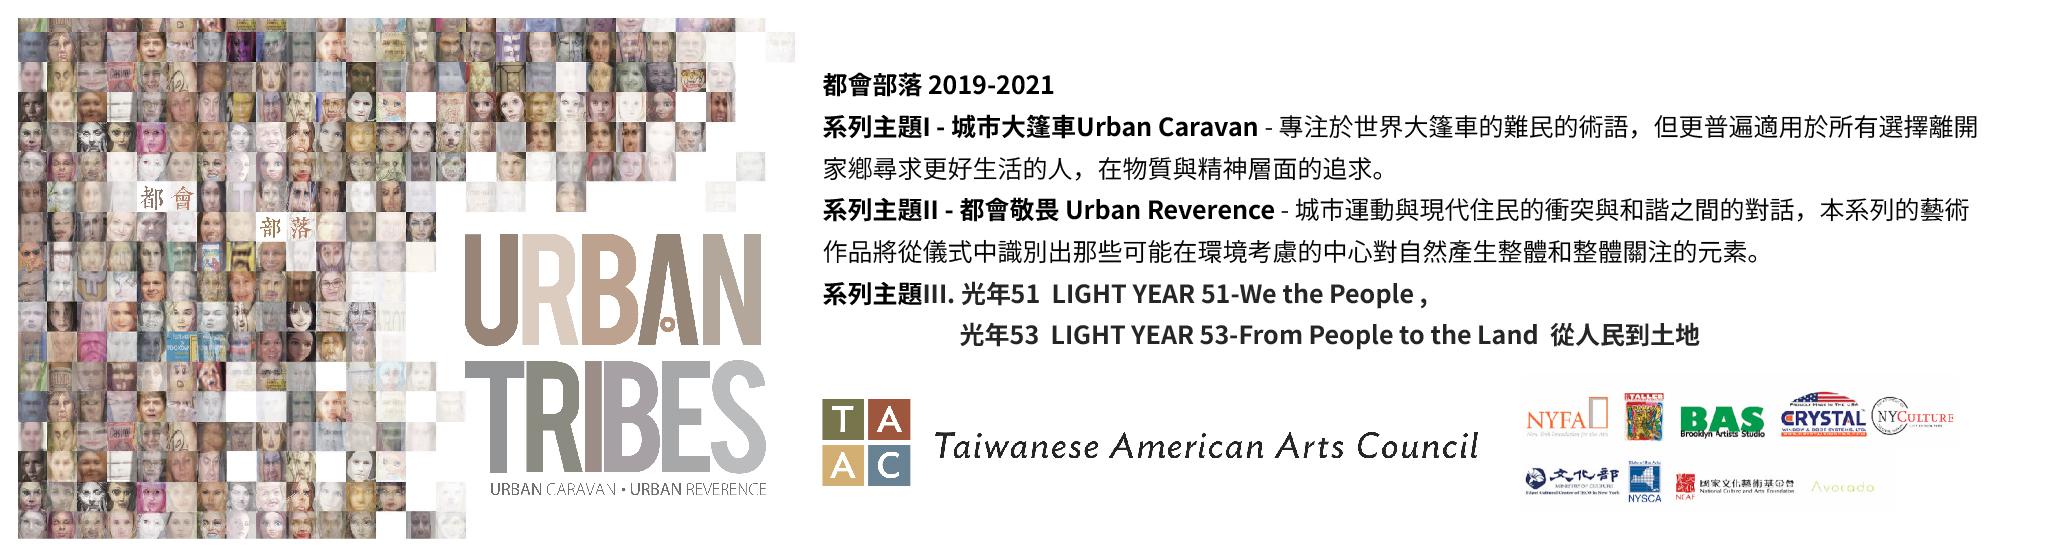 典藏 Web-TAAC Urban Tribes AD-web-01.jpg